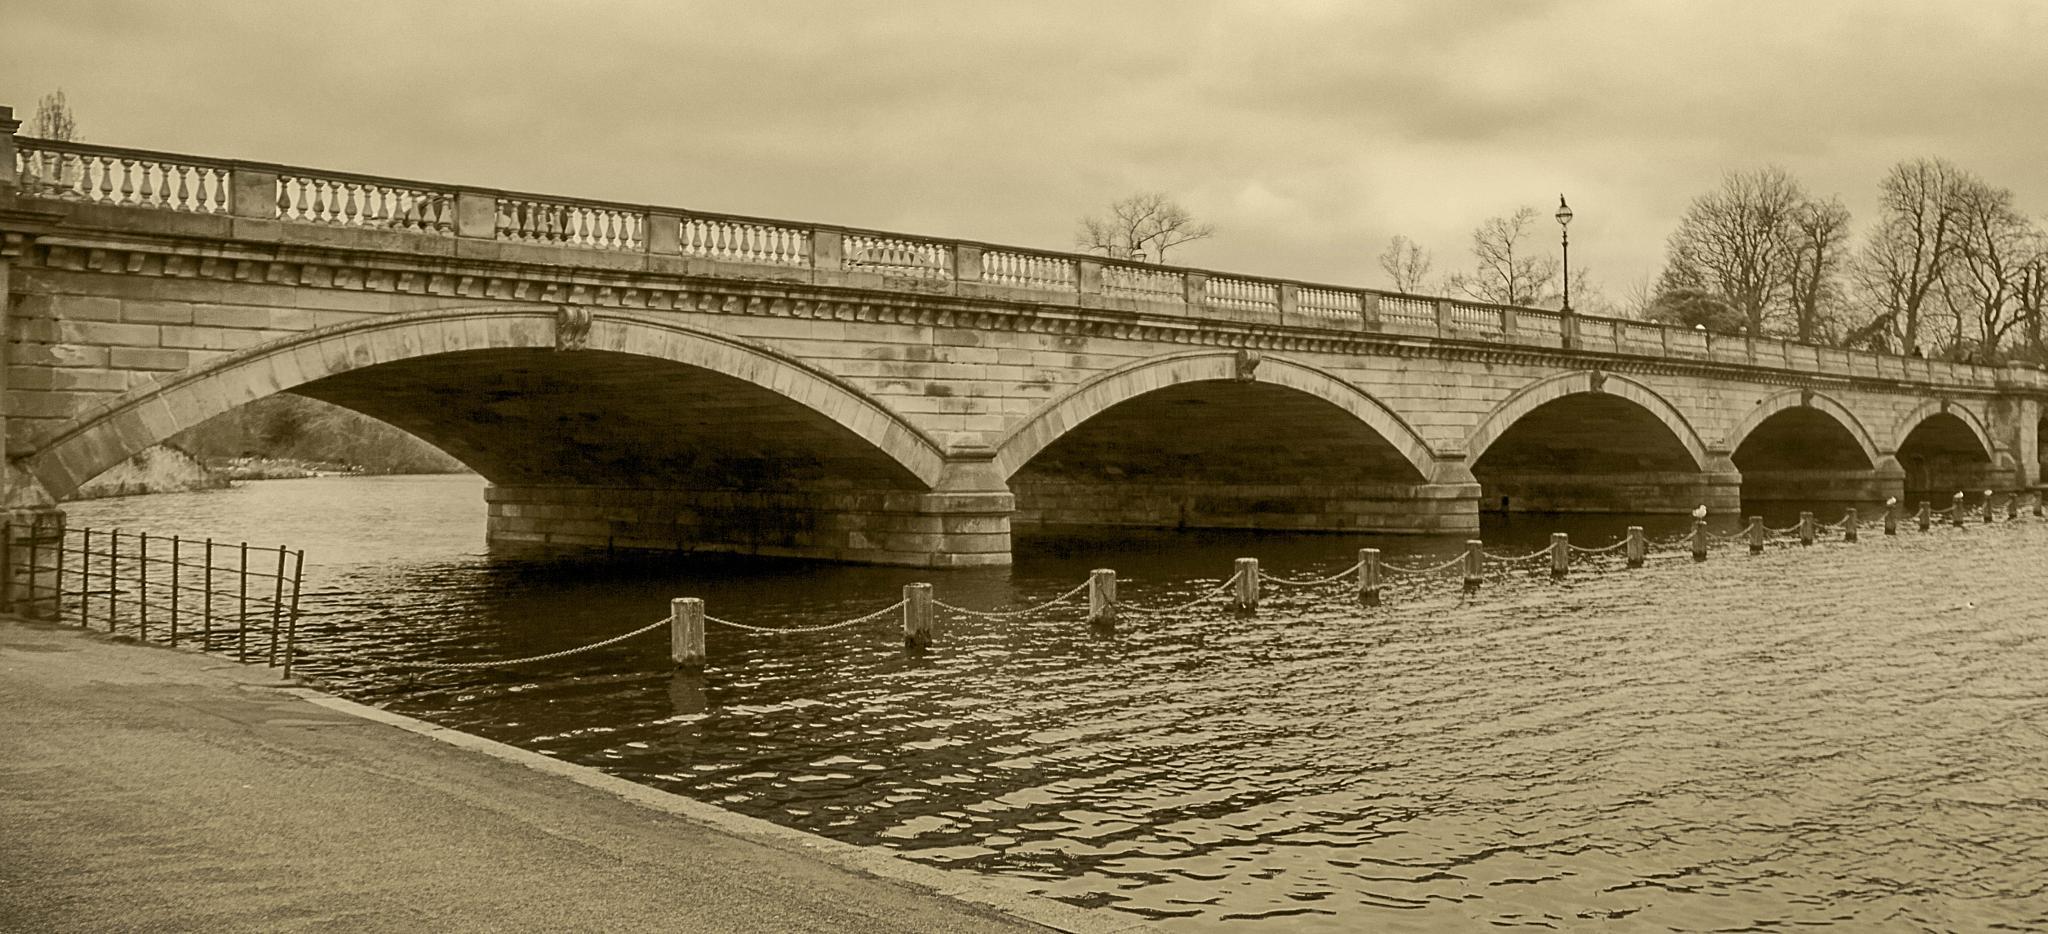 Serpentine Bridge  by Alan Deus